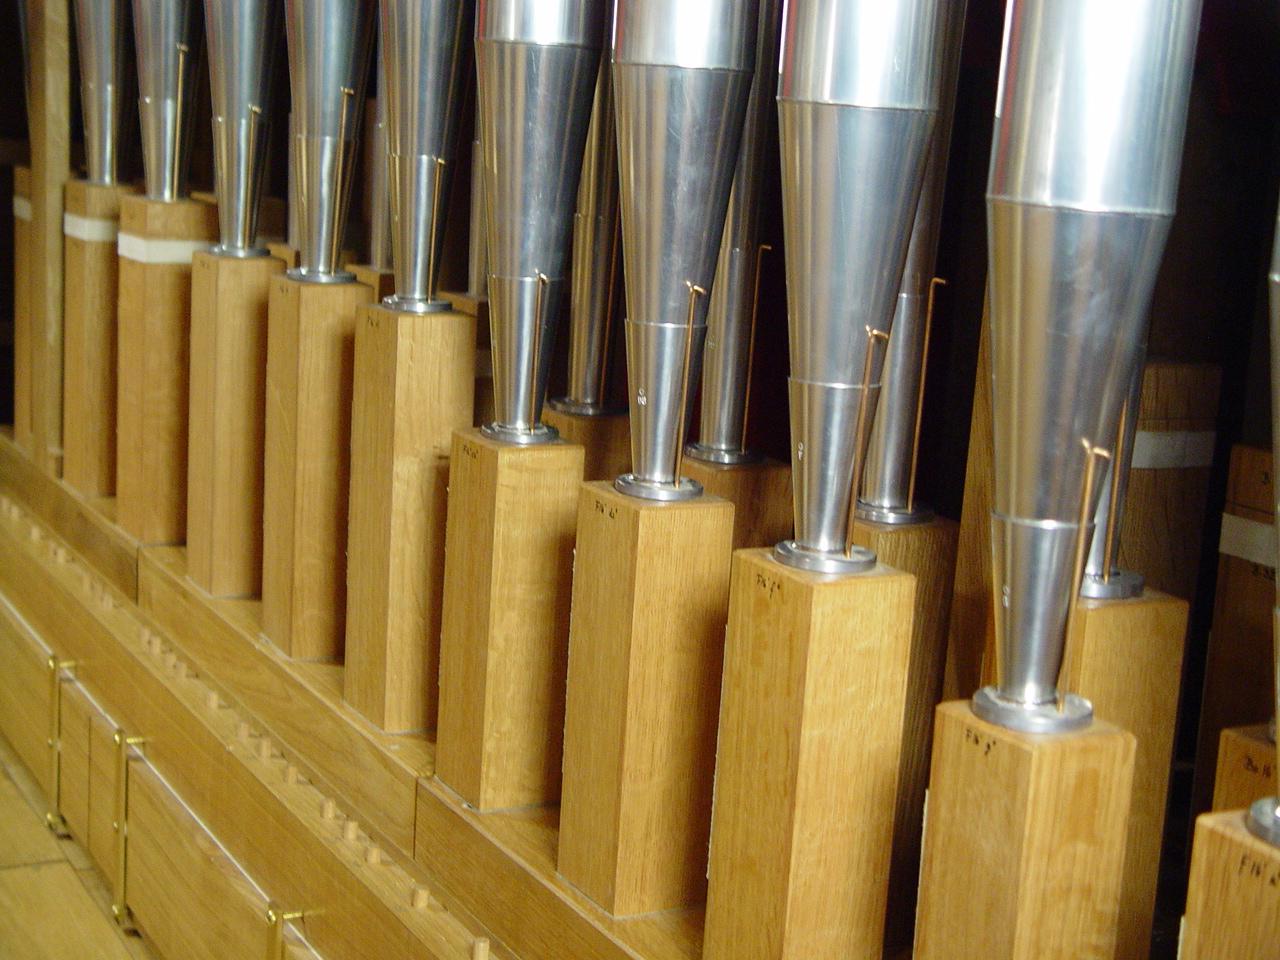 Holzstiefel eines Fagott 16'